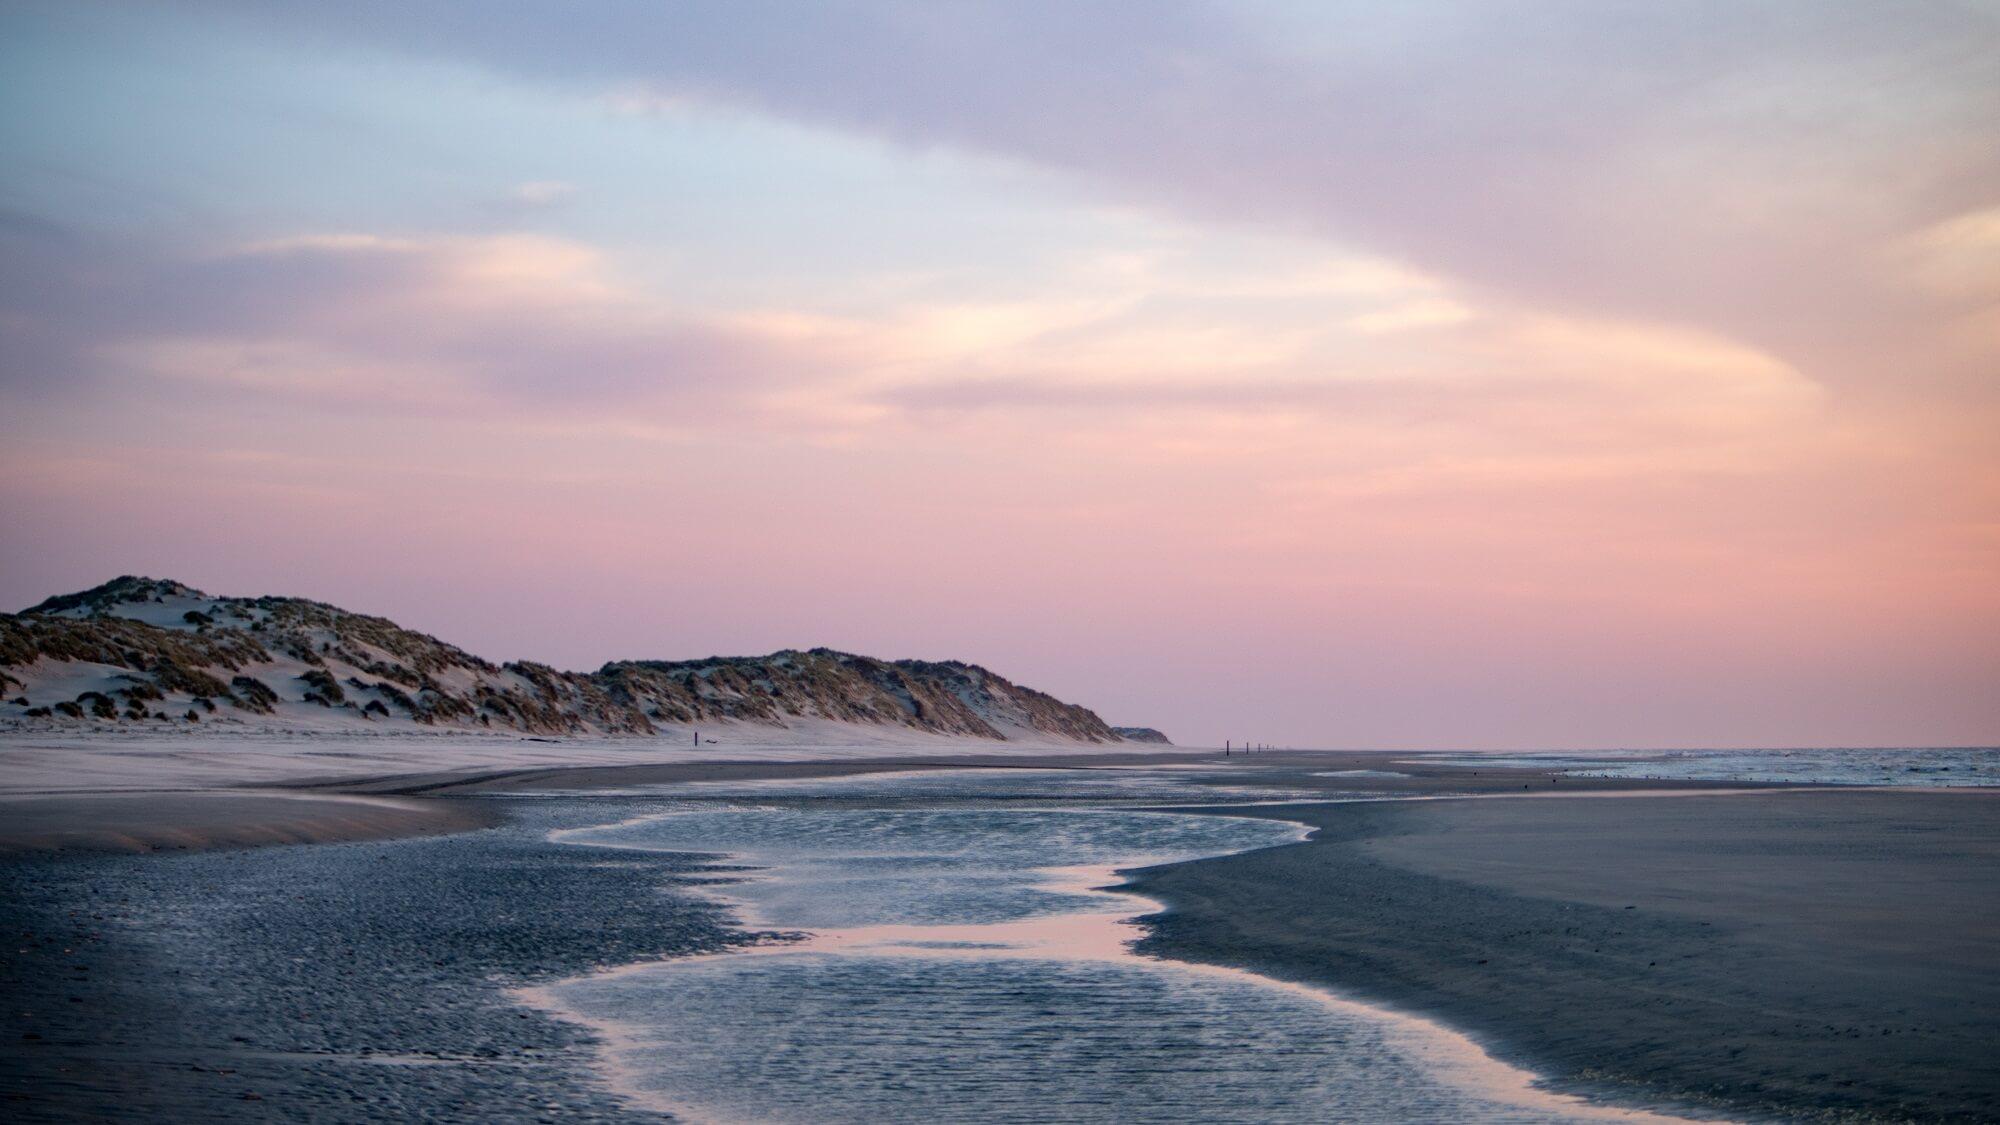 Strand bij zonsondergang, Paal 7 Terschelling